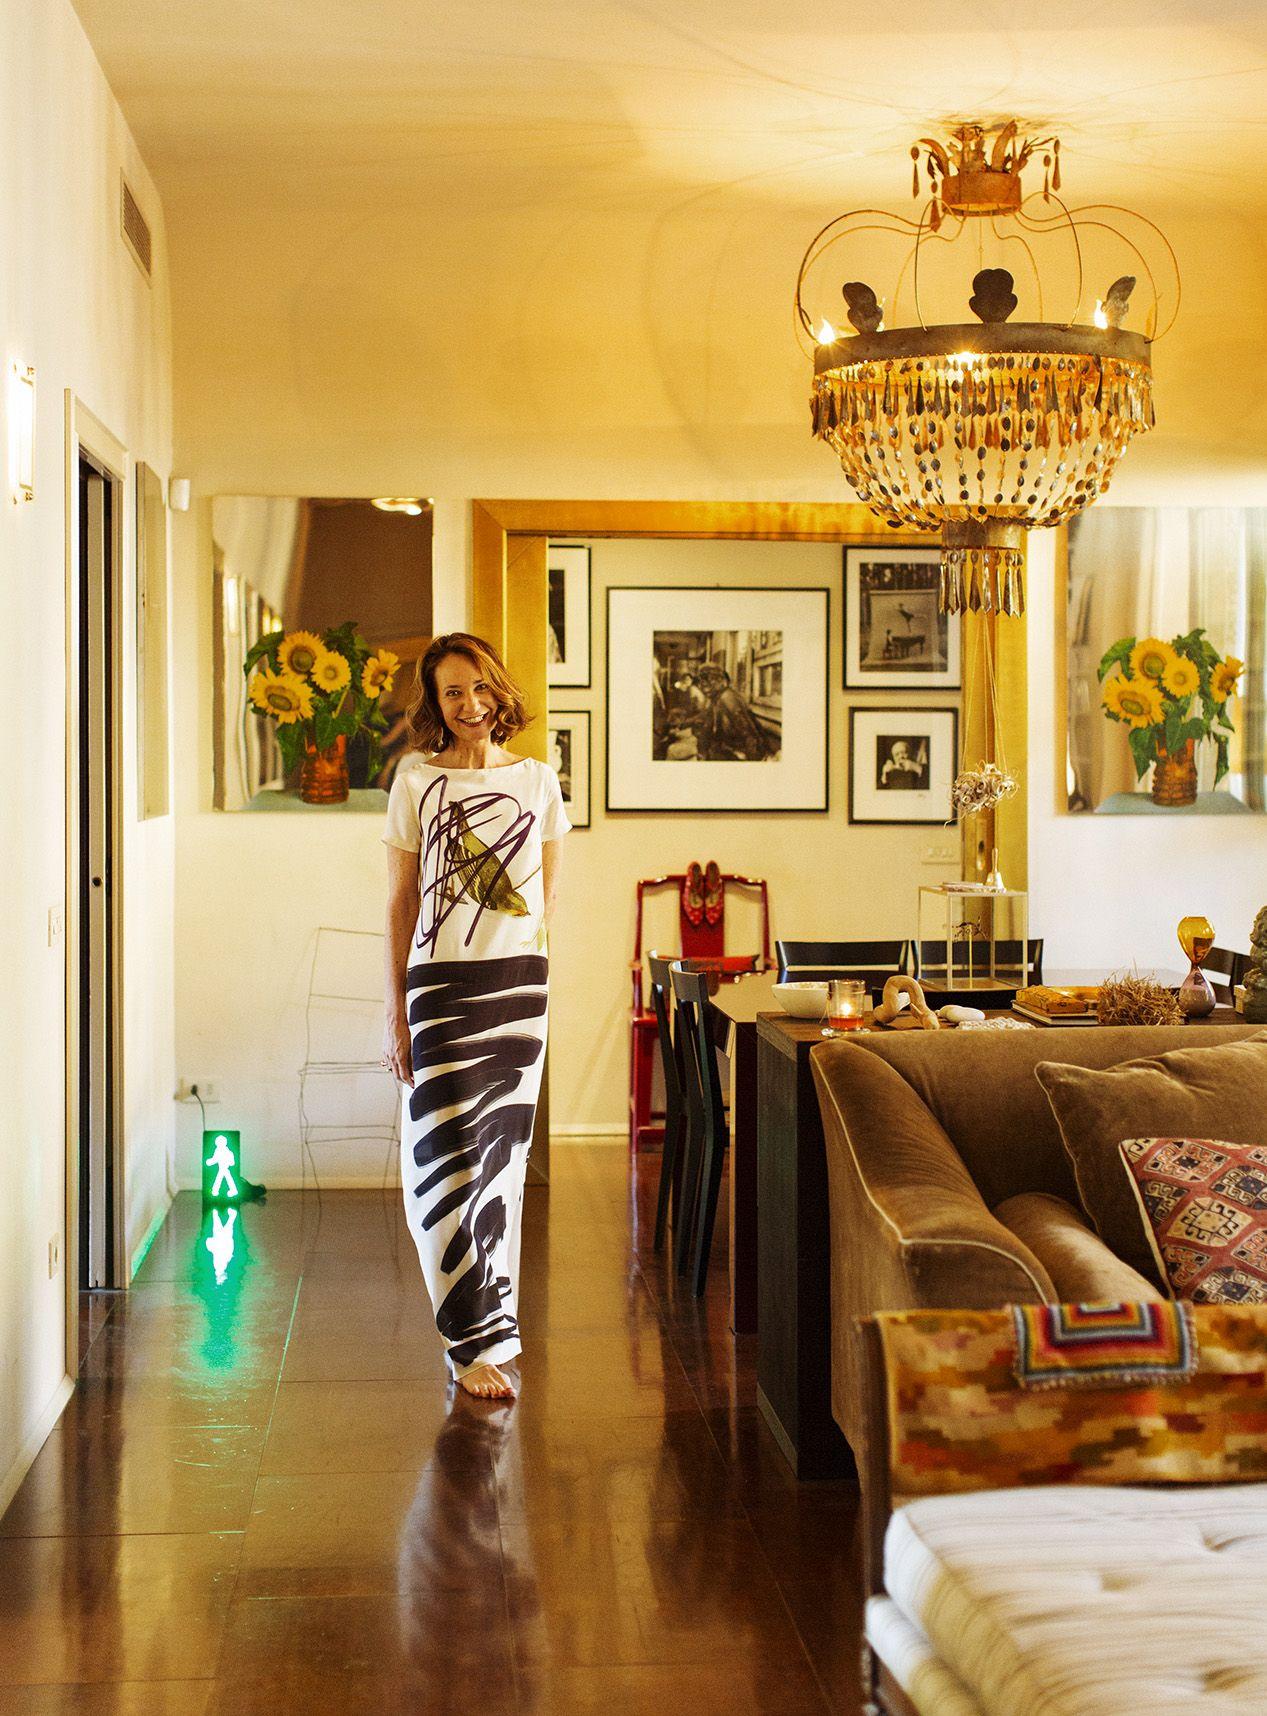 uberta zambeletti fashion design consultant and store owner at uberta zambeletti fashion design consultant and store owner at home and at her store